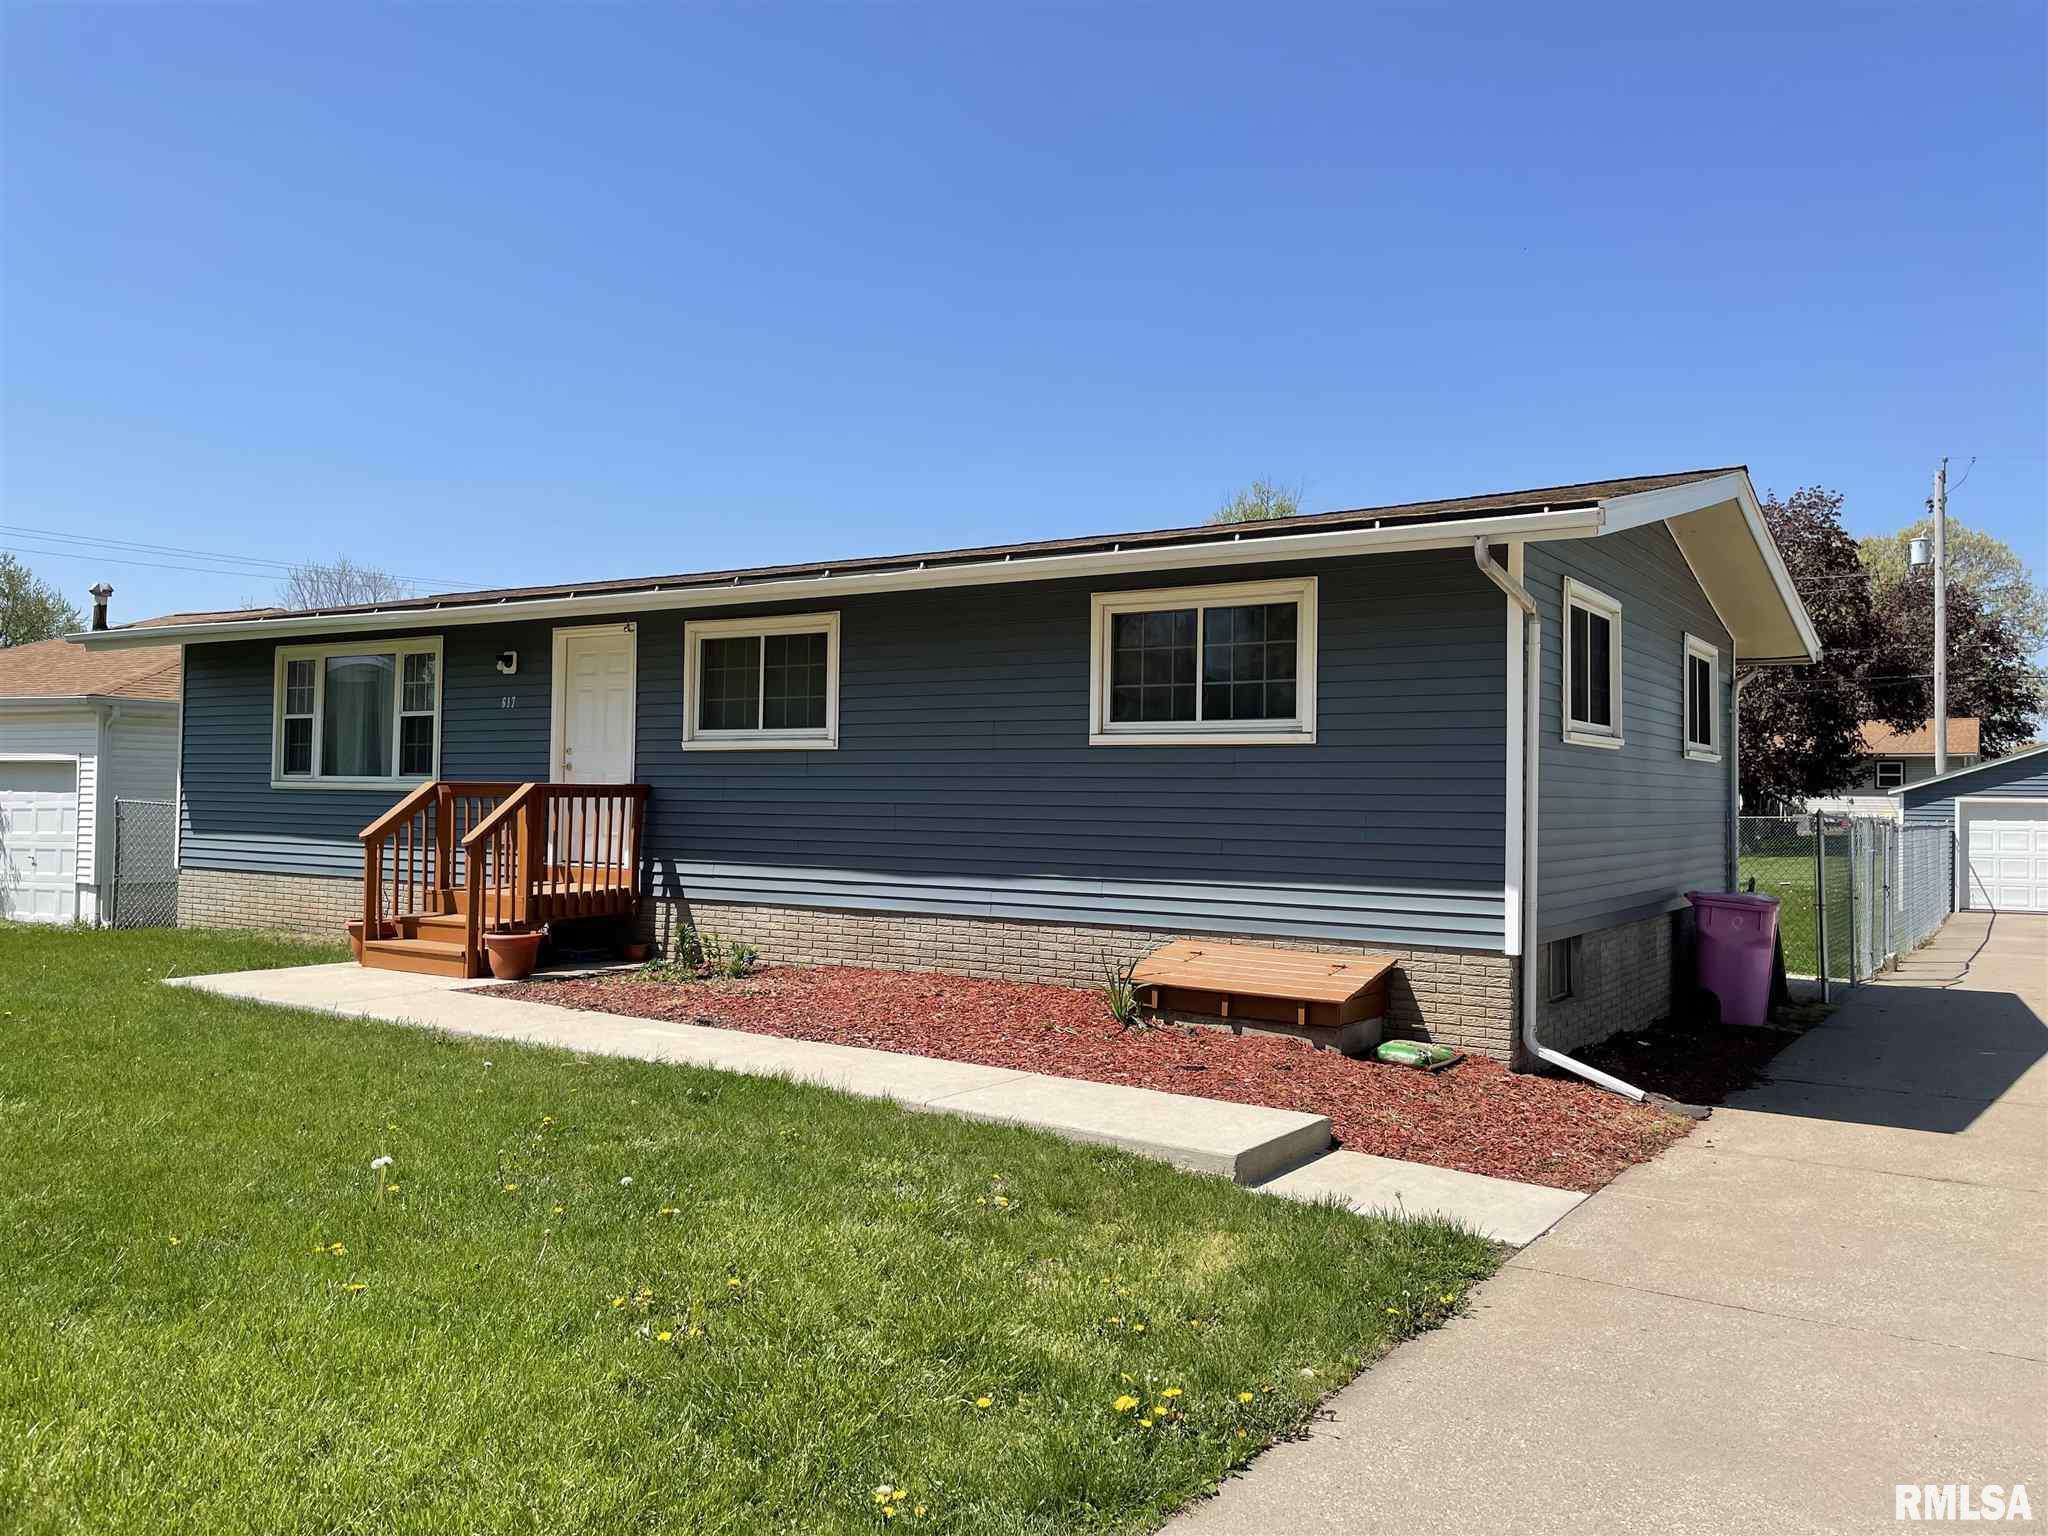 617 4TH Property Photo - Colona, IL real estate listing